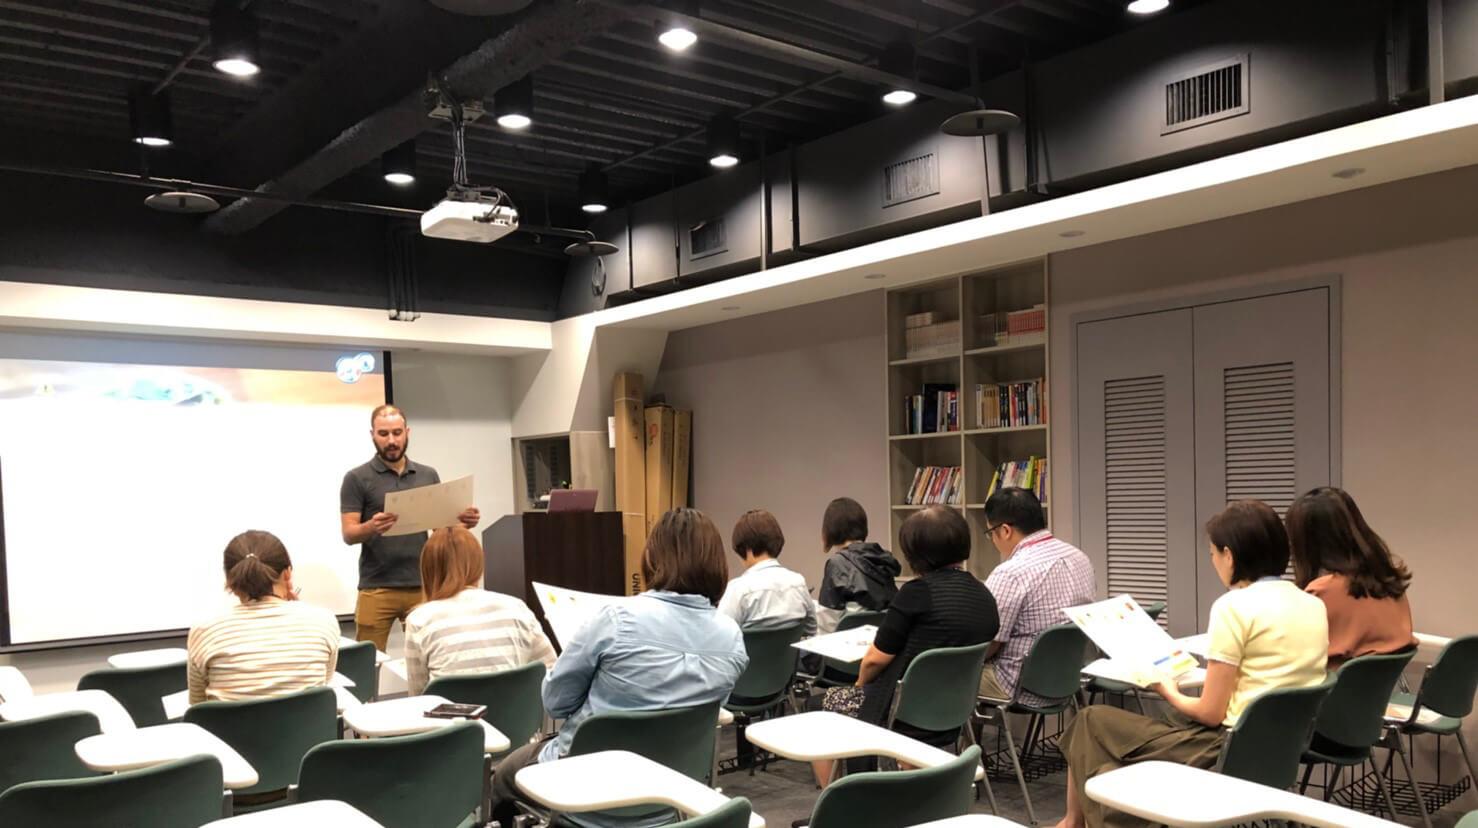 企業外派 企業培訓 英文培訓 群筑英日語 台北英語補習班 學英文 學日文